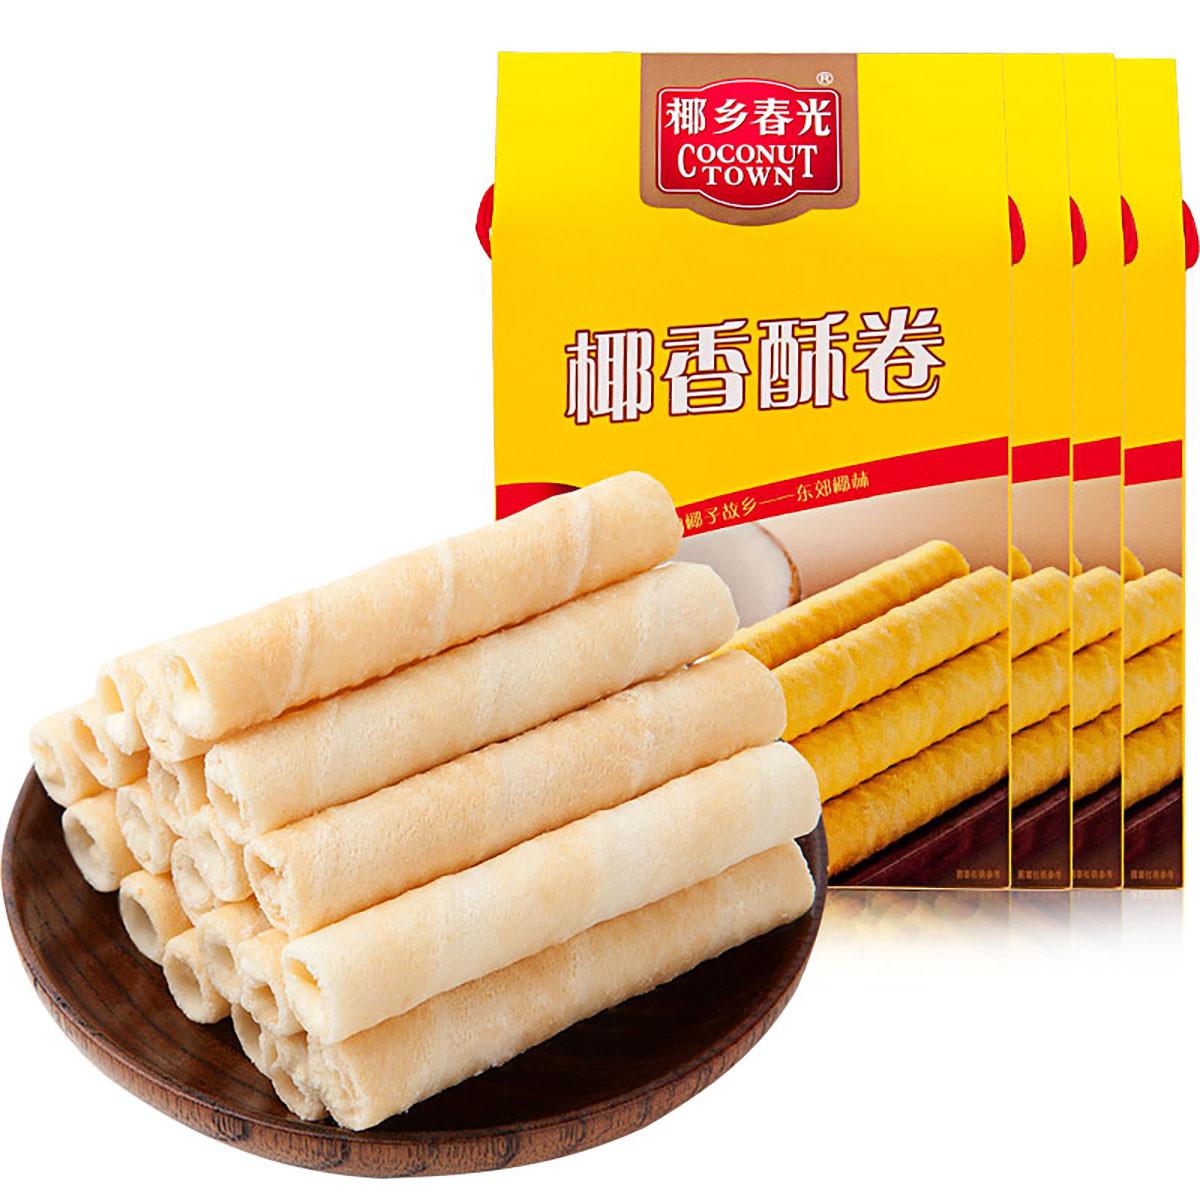 春光海南特产休闲零食早餐代餐下午茶饼干椰奶夹心酥卷238g*4盒装COLOR其它颜色